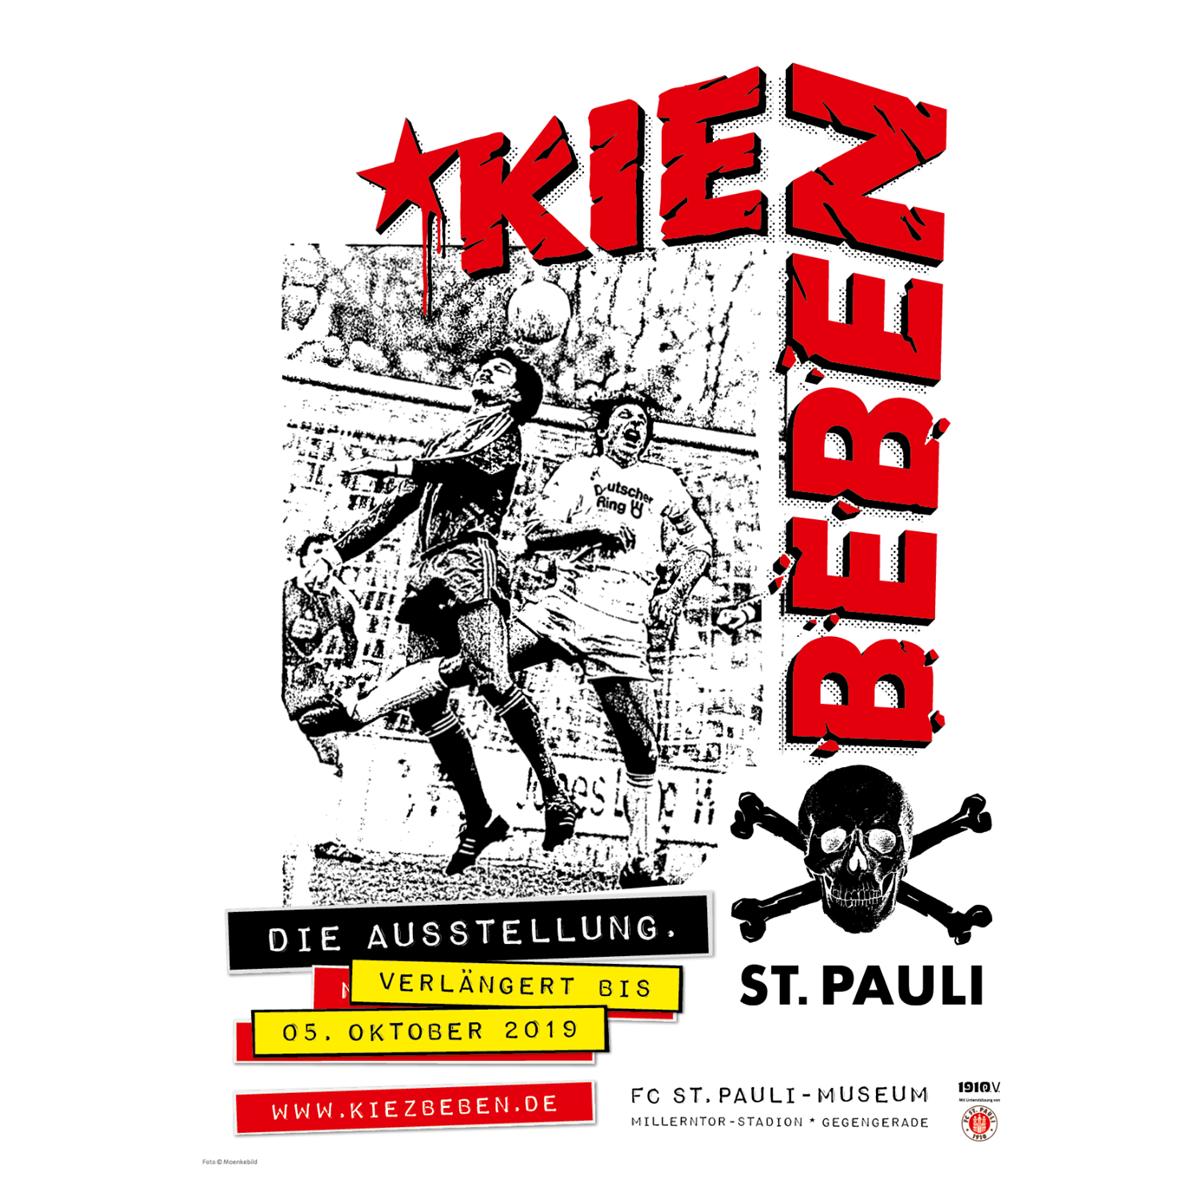 Die Ausstellung KIEZBEBEN ist bis einschließlich 5. Oktober immer Do+Fr von 16 bis 22 und Sa+So von 11 bis 19 Uhr im FC St. Pauli-Museum in der Gegengerade geöffnet.